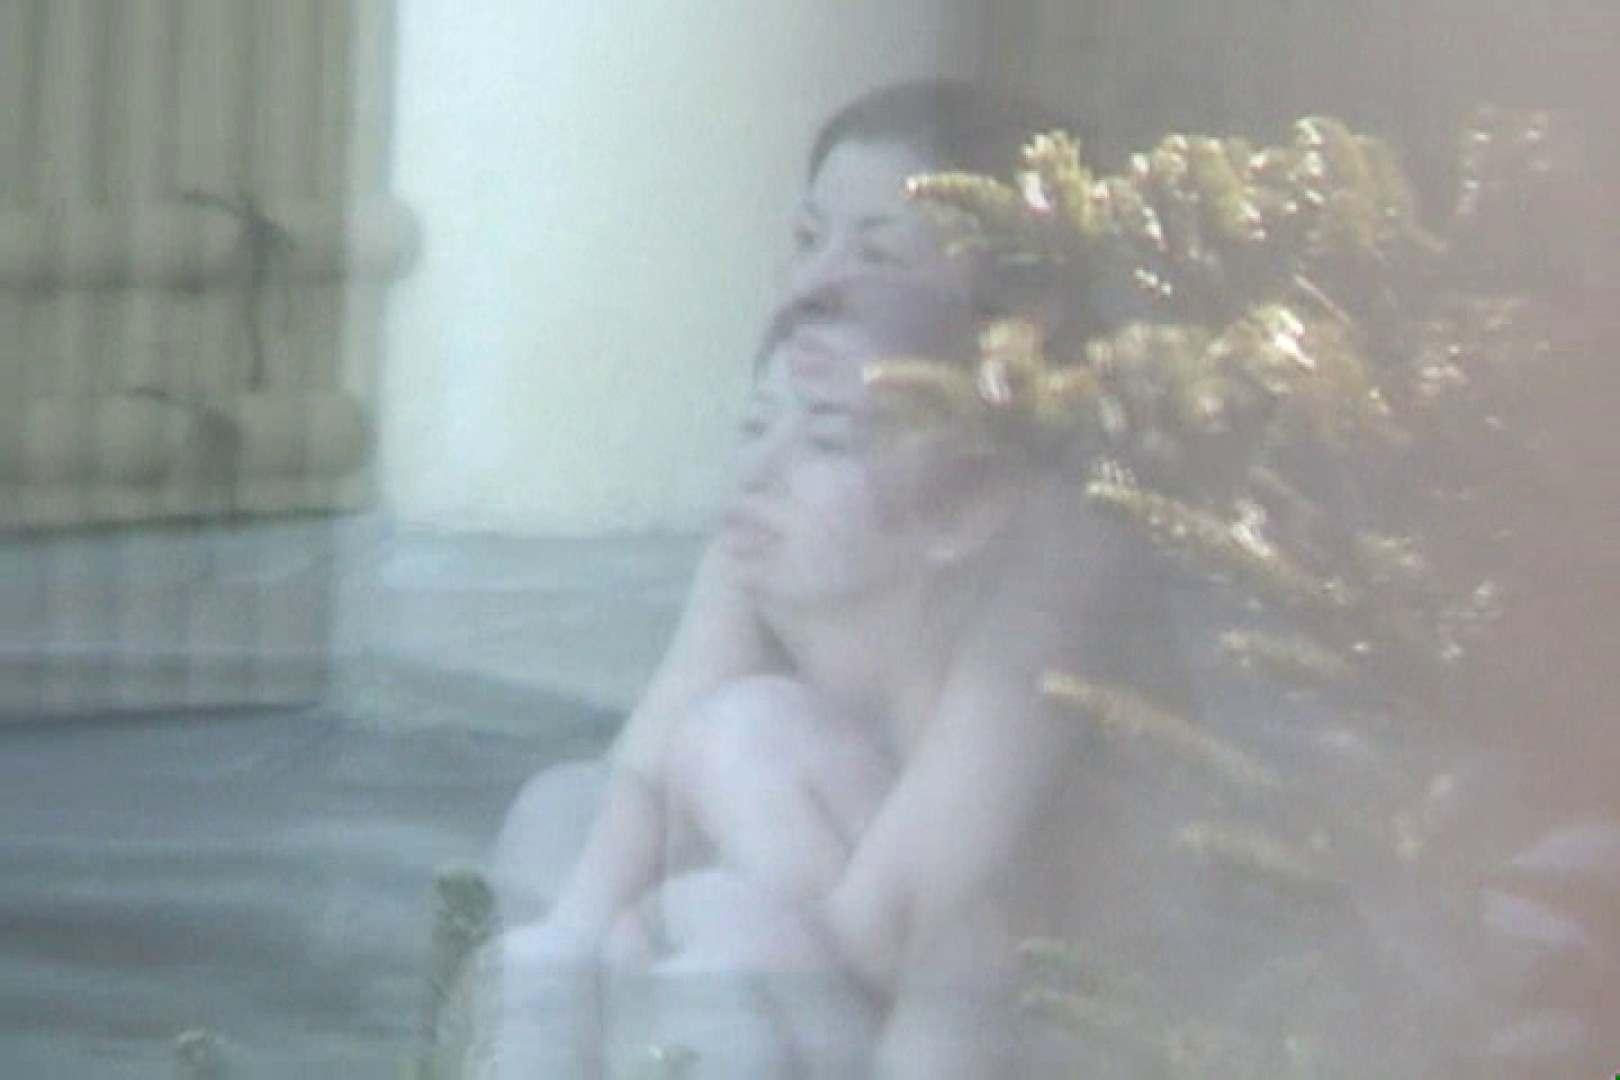 Aquaな露天風呂Vol.559 OLハメ撮り  52Pix 37